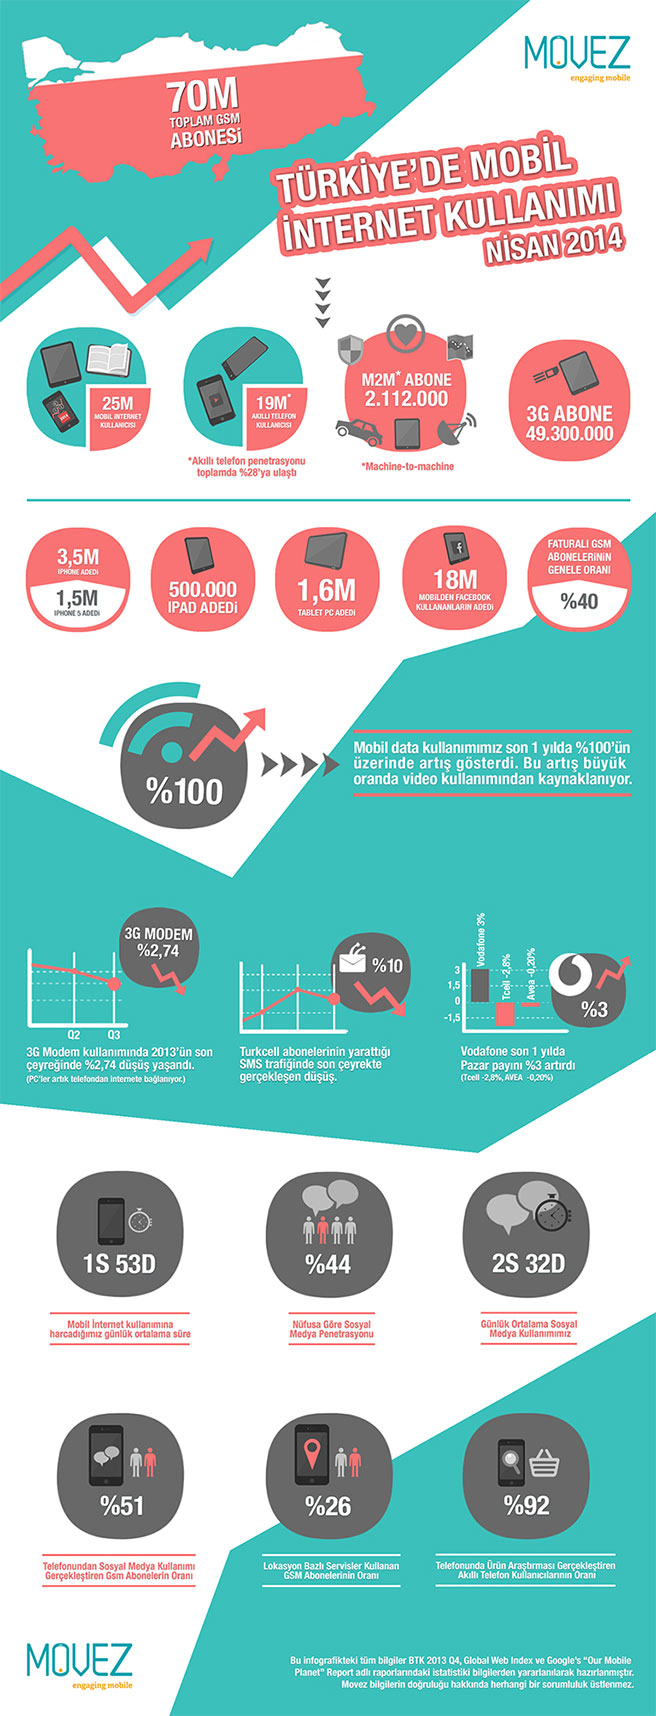 movez-infografik